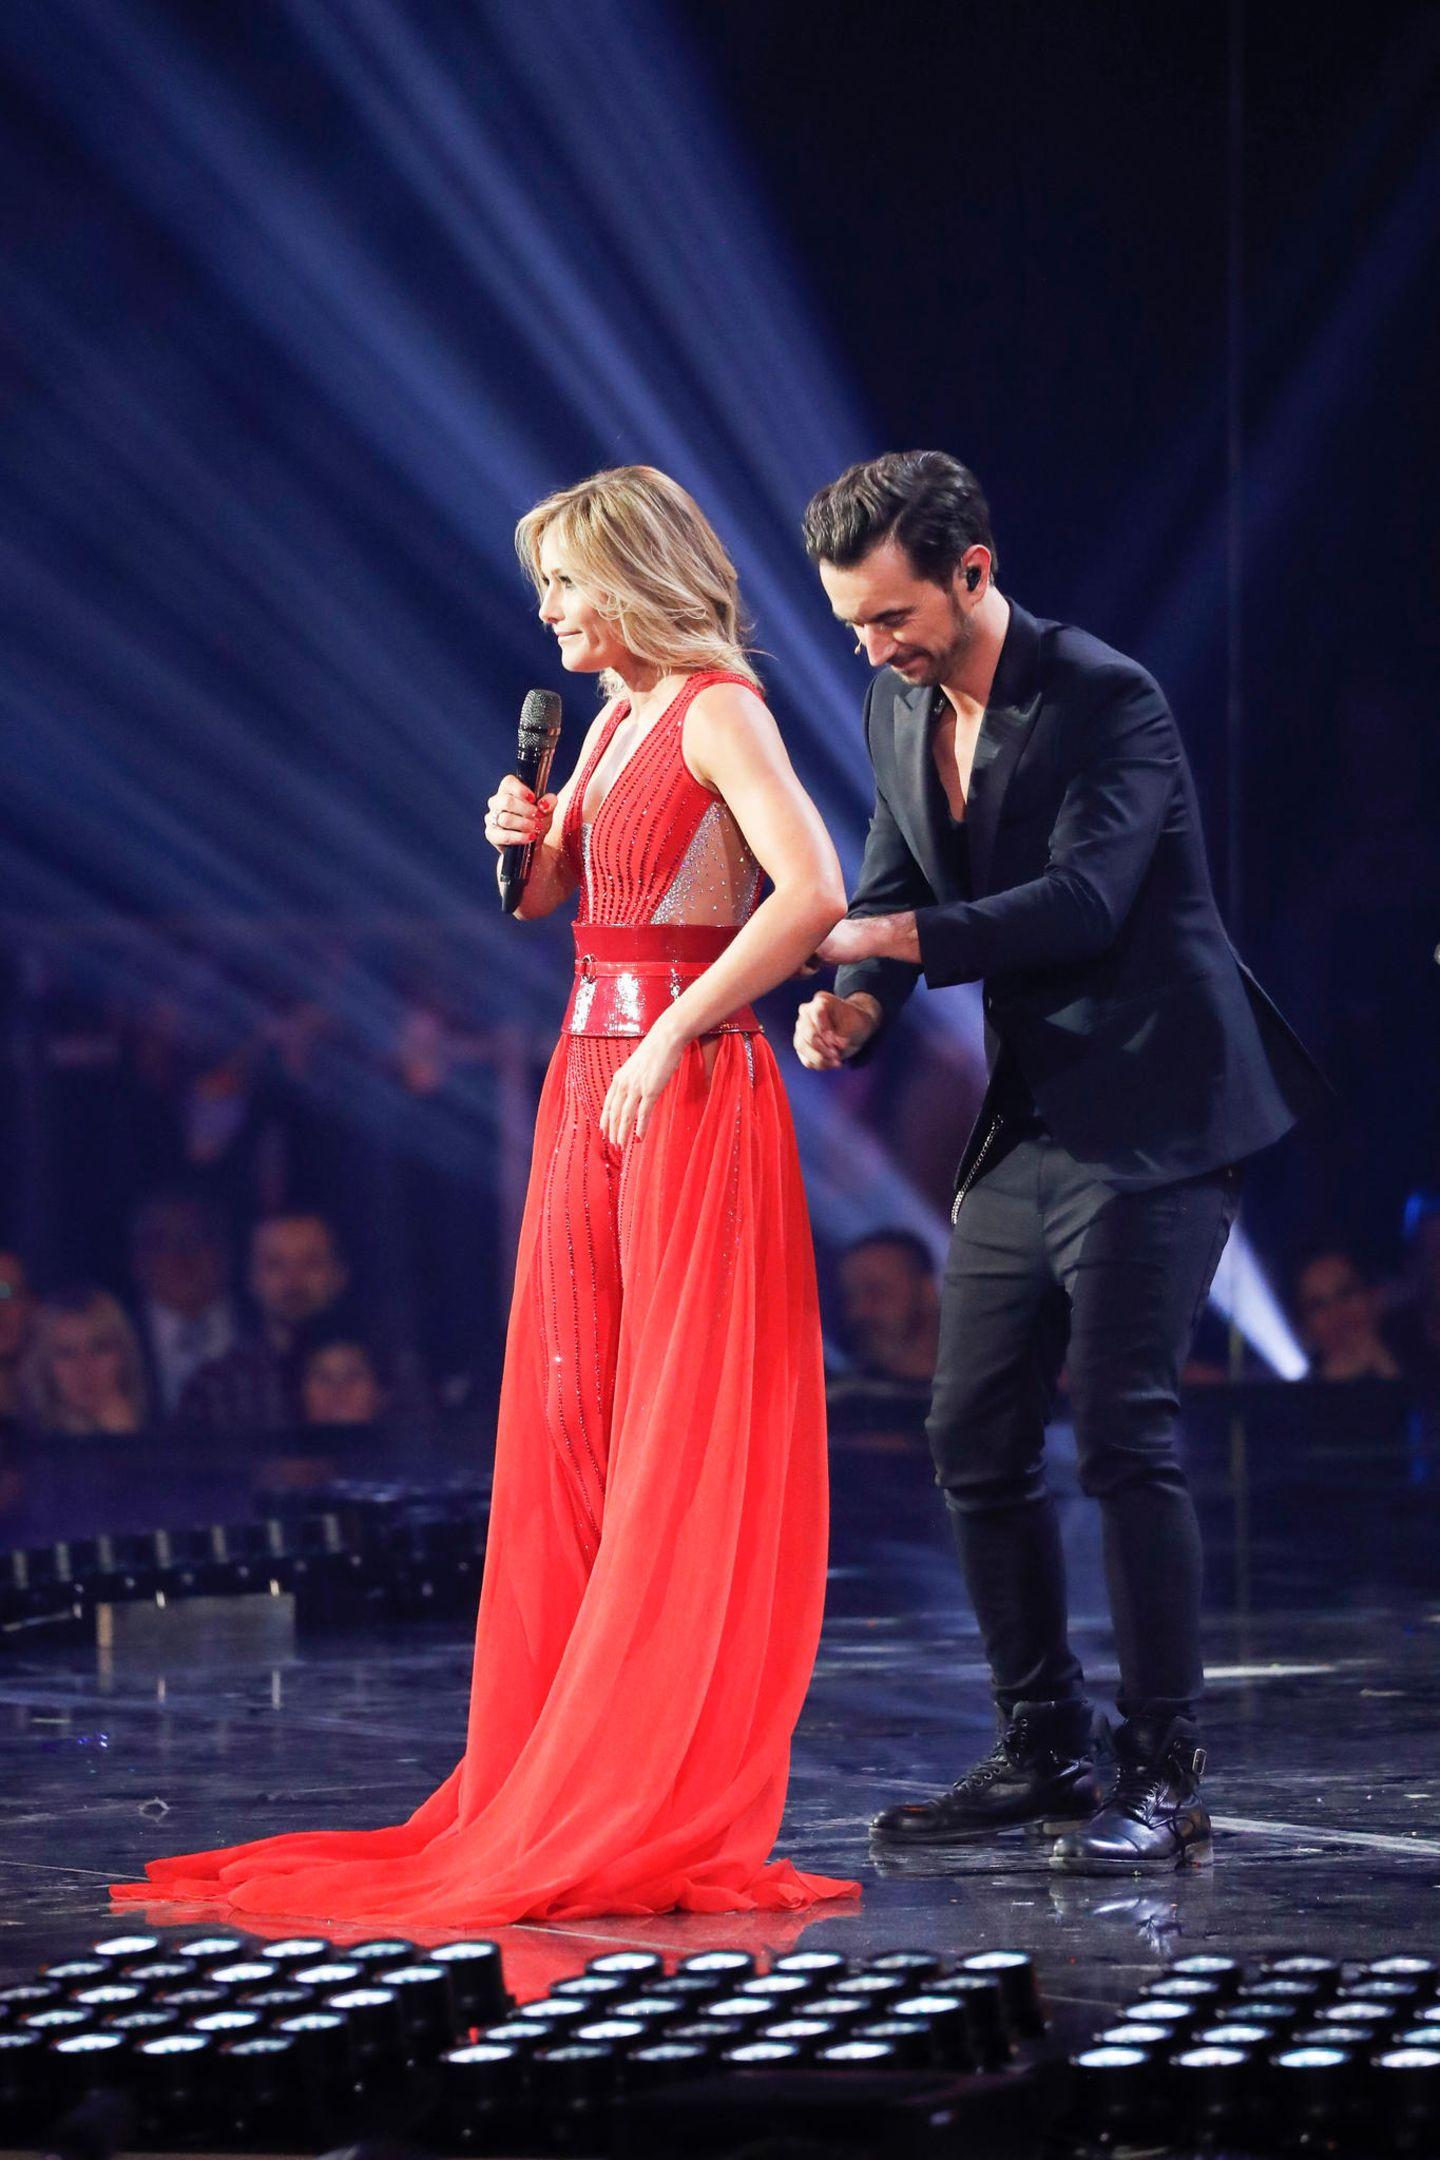 Denn ähnlich wie bei Linda Fäh, half Florian auch seiner damaligen Freundin Helene Fischer während einer Schlager-Show im Januar 2018 aus dem Outfit...